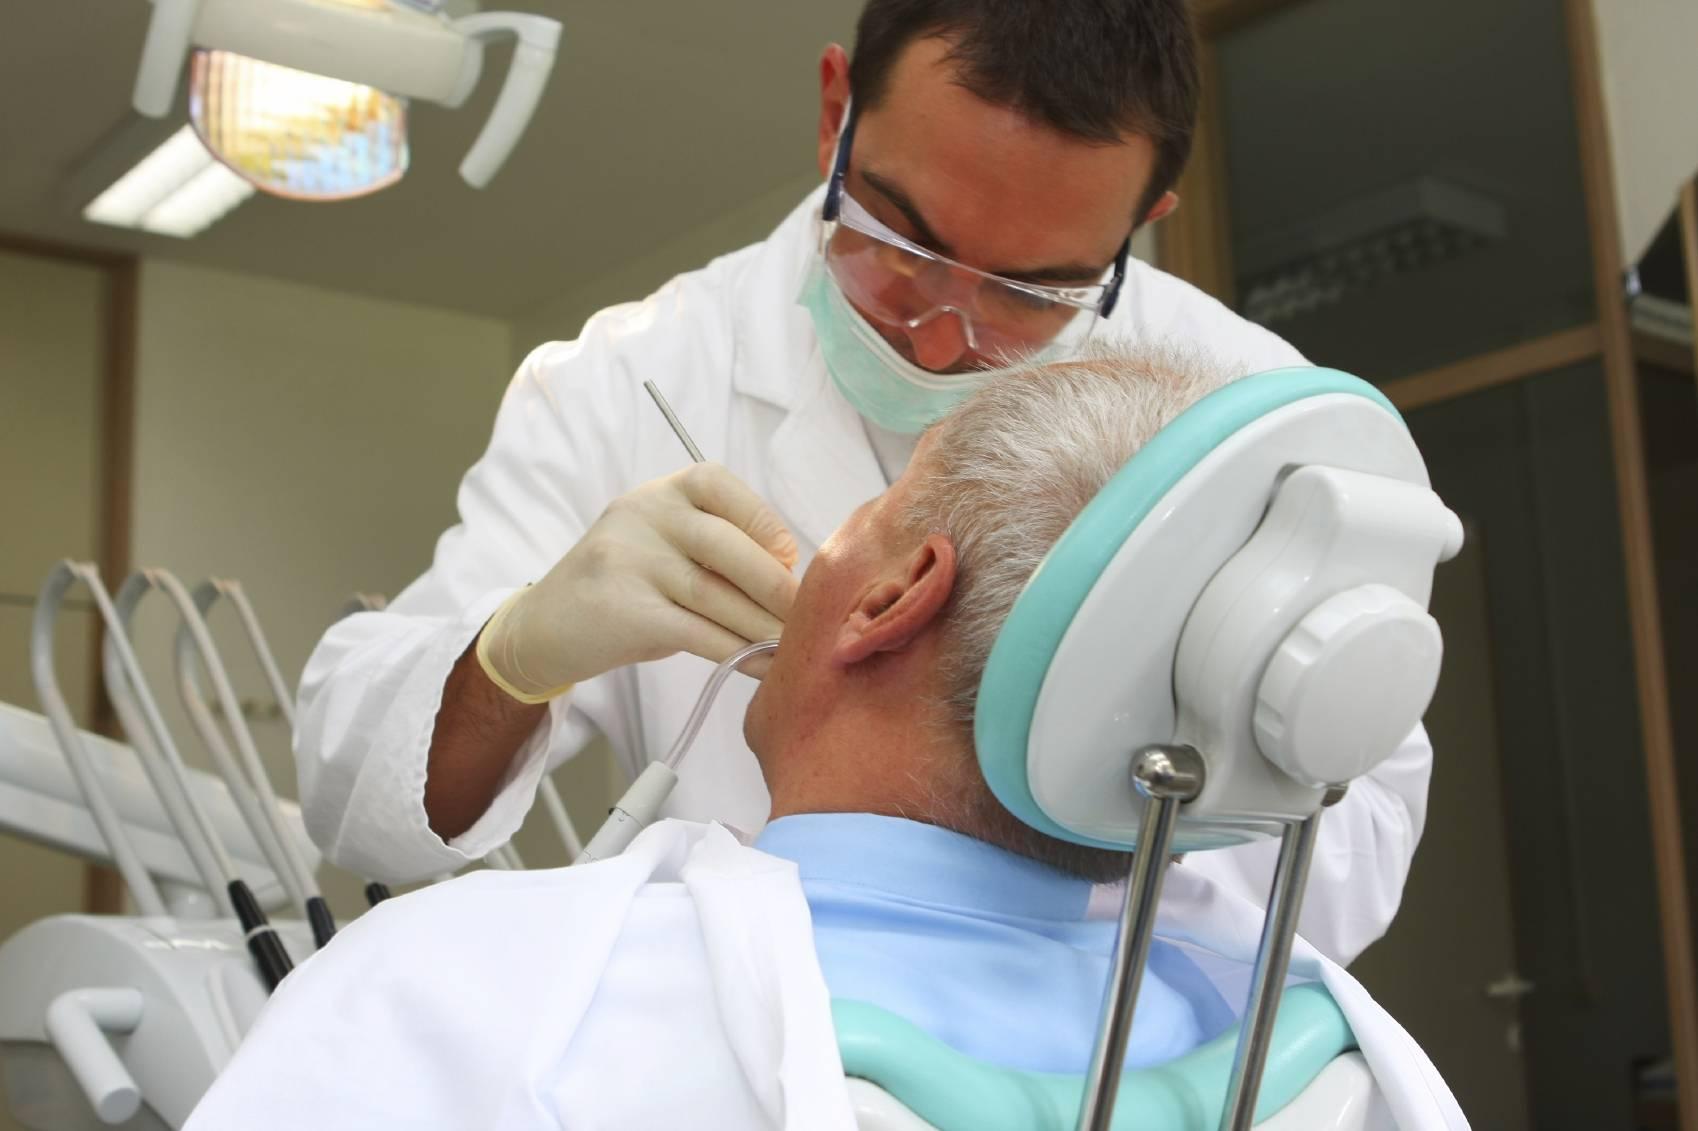 Снятие зубного камня ультразвуком стоимость цена, отзывы, аппарат для снятия зубного камня, инструменты